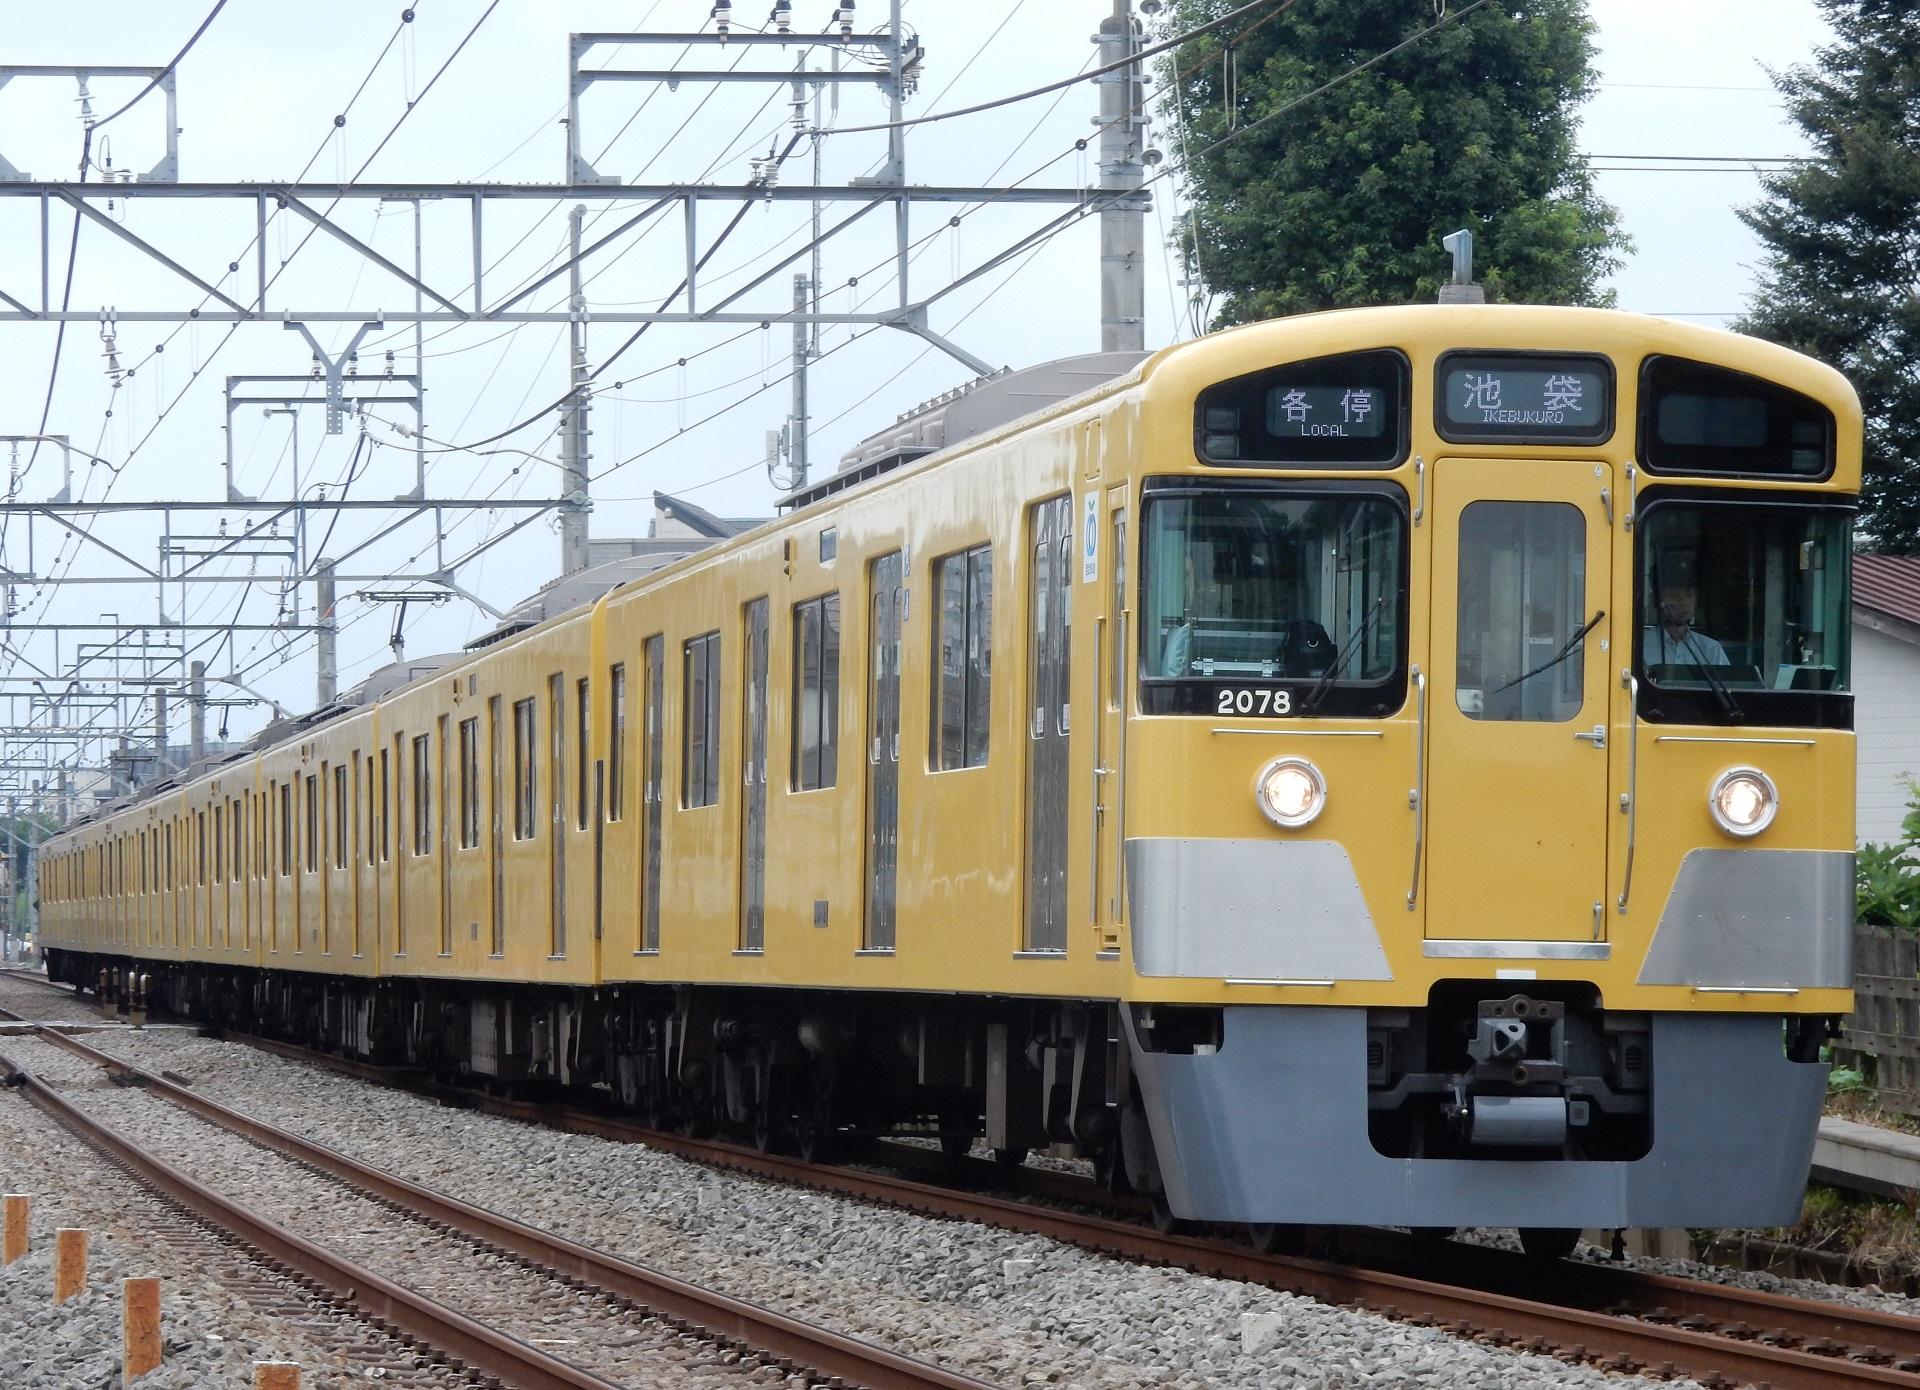 DSCN2841 - コピー